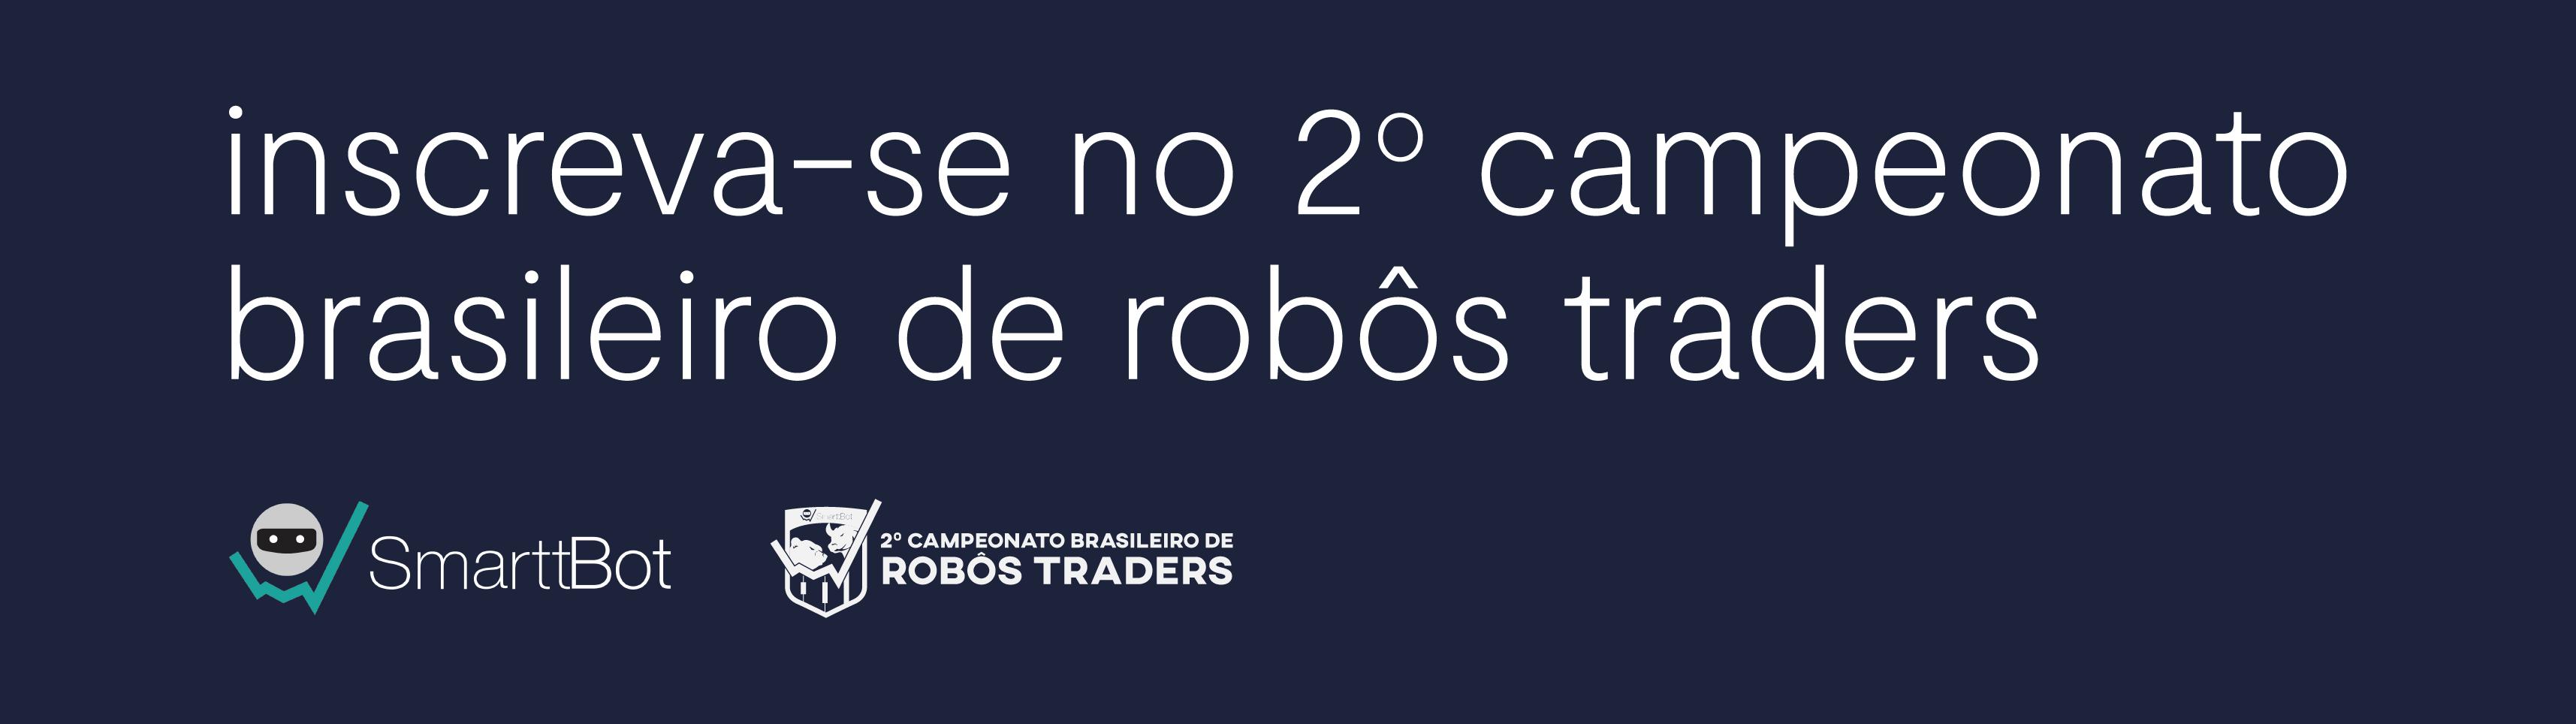 robô trader xp